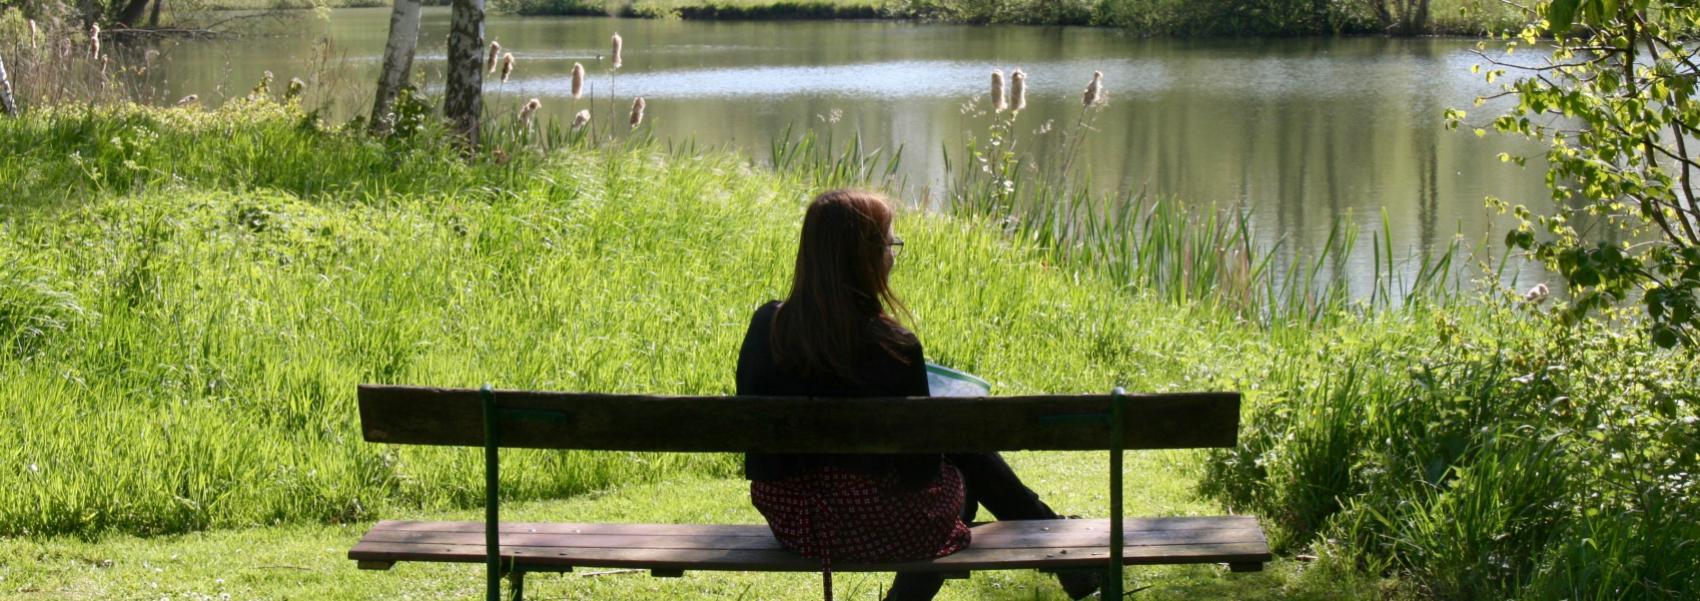 vrouw op bank die kijkt naar het water